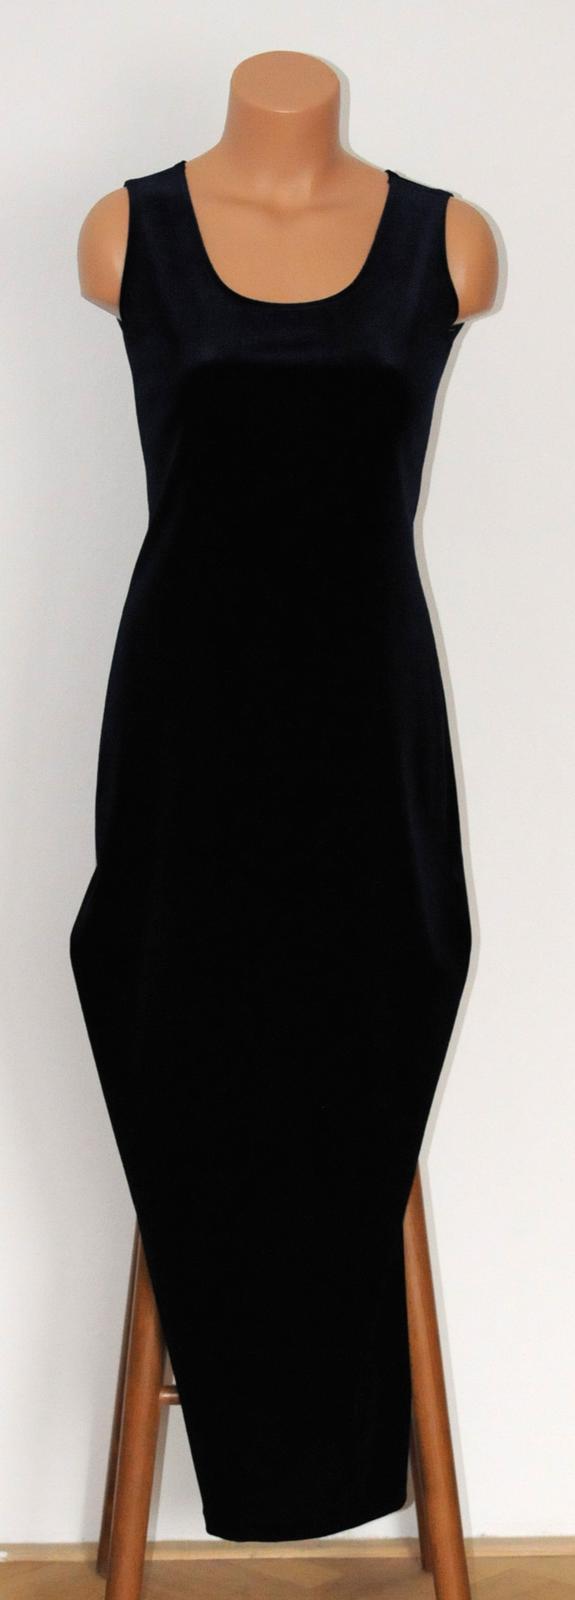 Dámske spoločenské šaty + bolerko - Obrázok č. 3